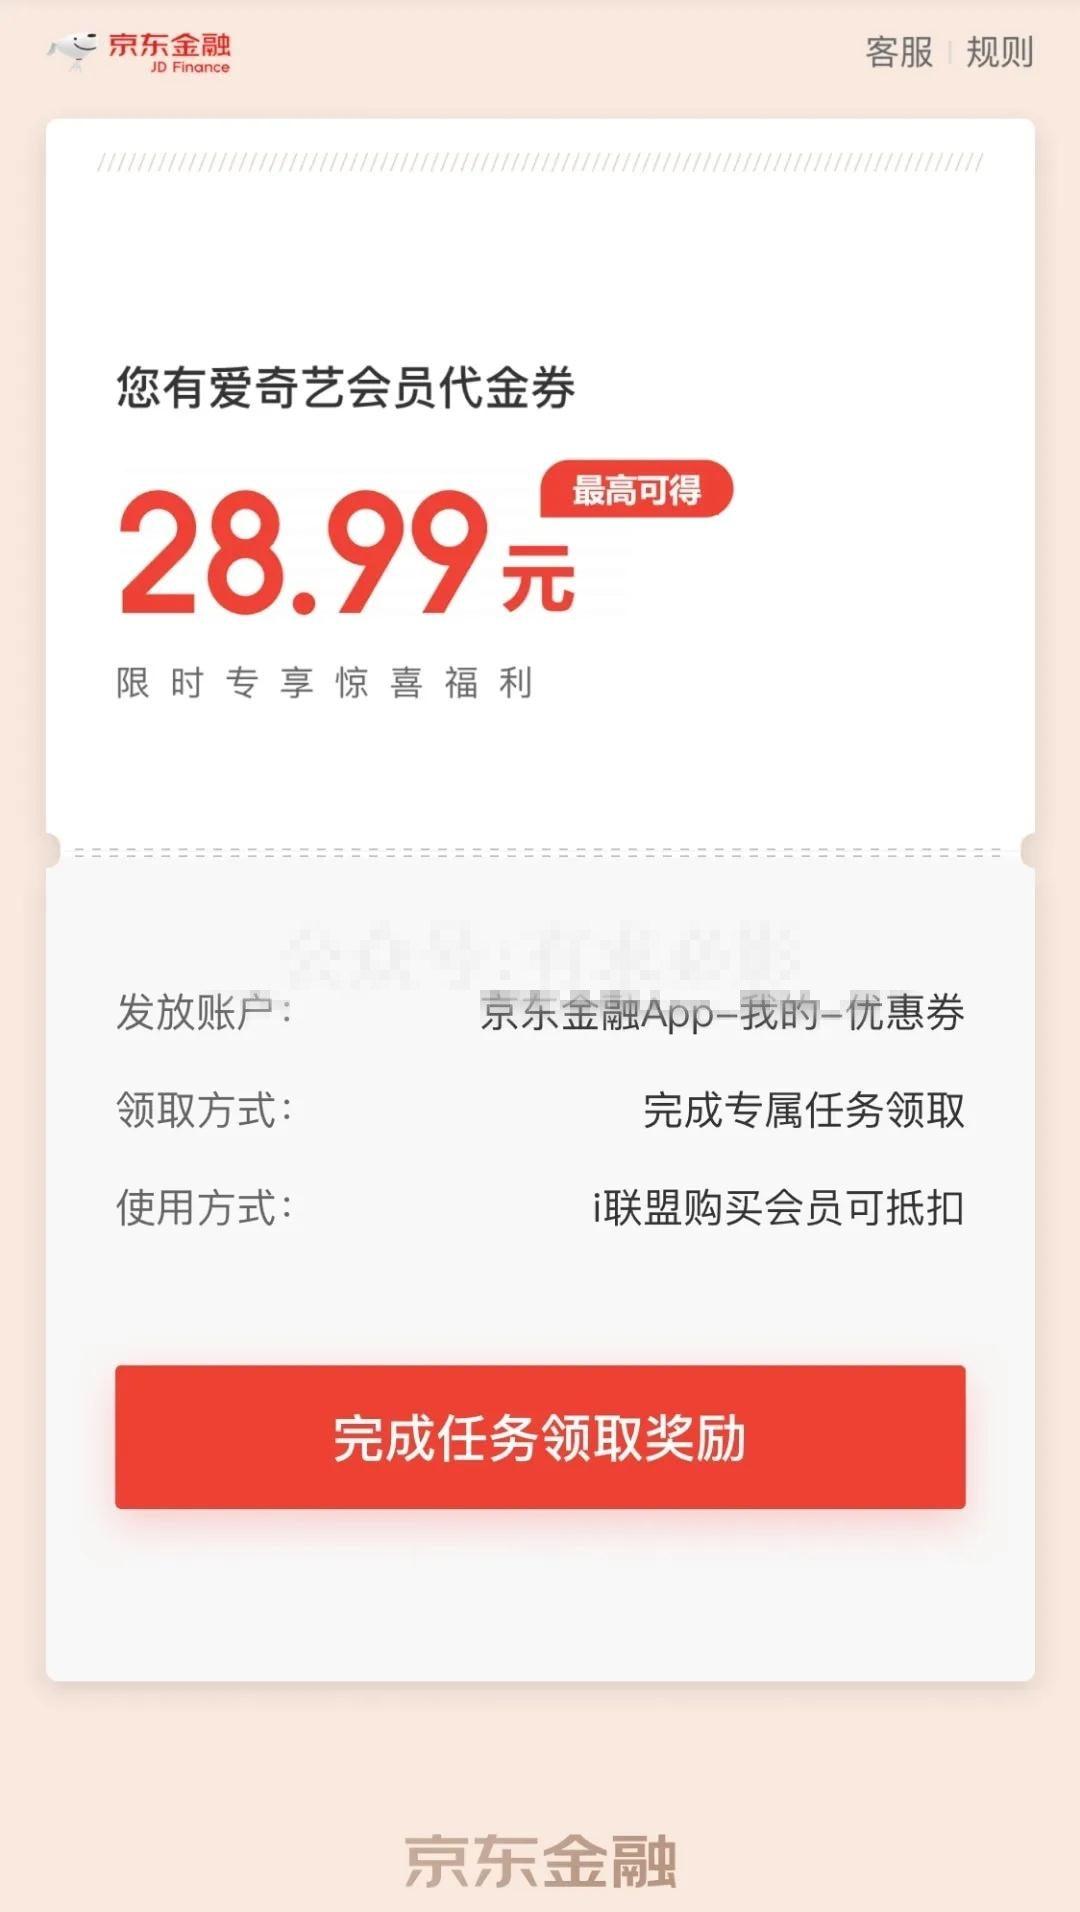 京东金融APP0.01元开通爱奇艺会员季卡